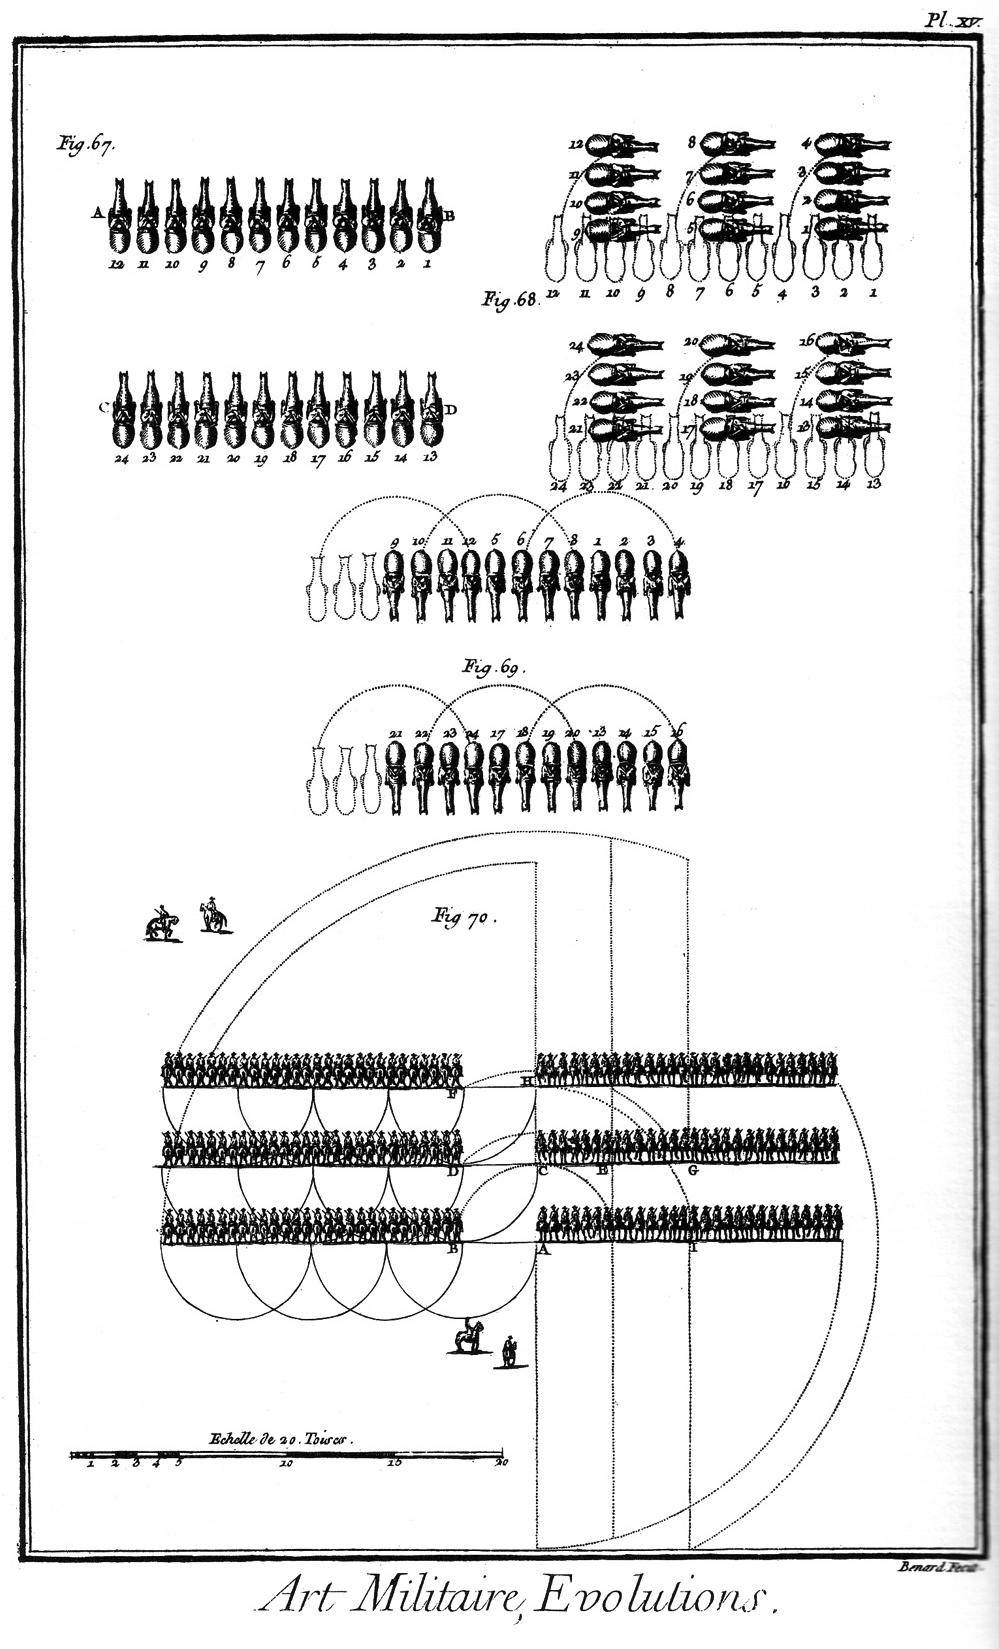 (3) Art Militaire, Evolutions de l'infanterie , Lámina 15 © Encyclopédie ou Dictionnaire raisonné des sciences, des arts et des métiers Vol.1-Plates (París, 1762)